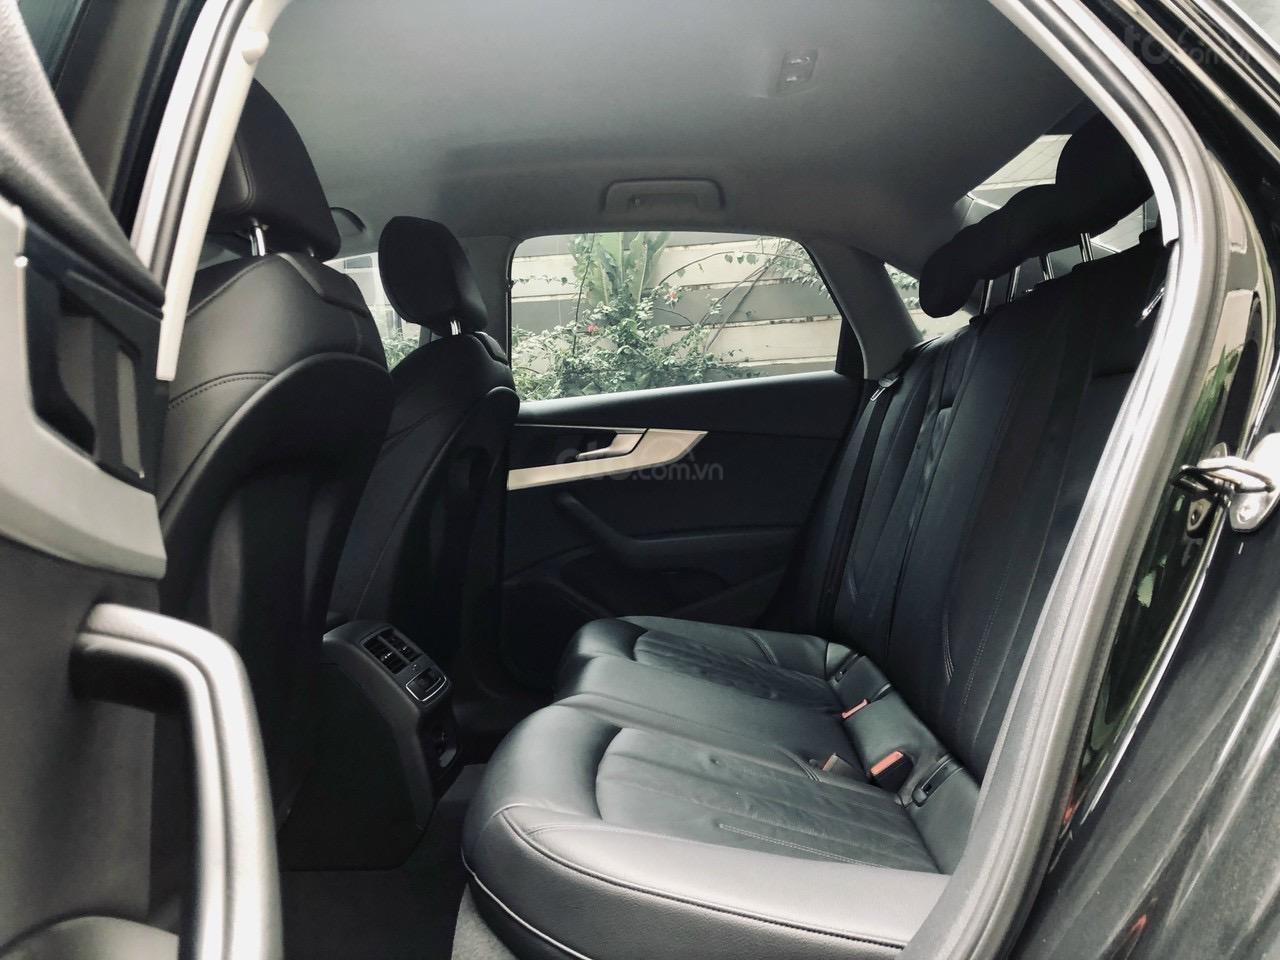 Bán Audi A4 2.0 SX 2016 xe cực mới đi ít giá tốt bao kiểm tra chất lượng xe tại hãng (3)